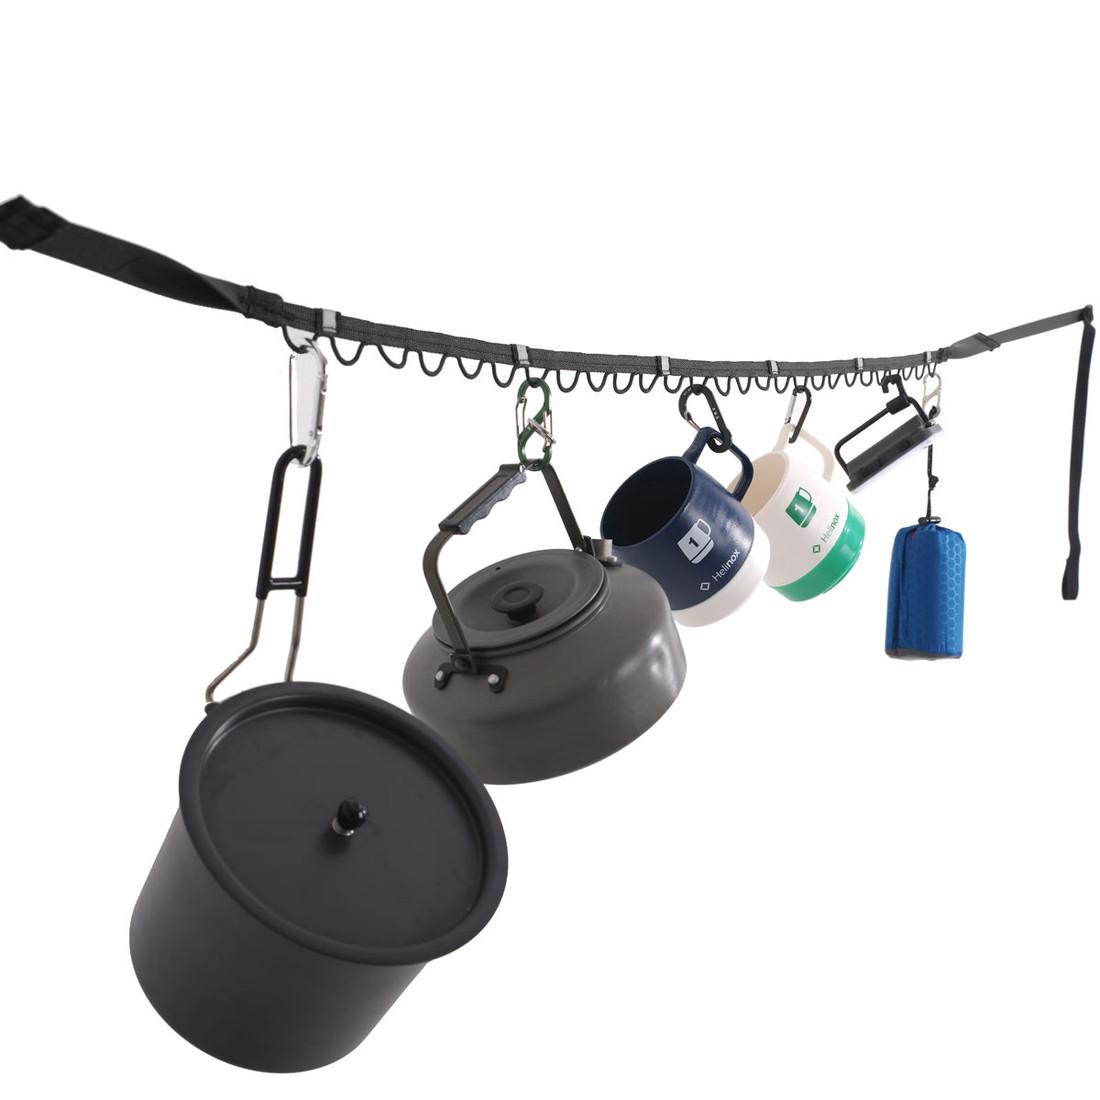 ヘリノックス デイジージェーン 1.5-2.5 洗濯ひも ランドリーロープ  国内正規品